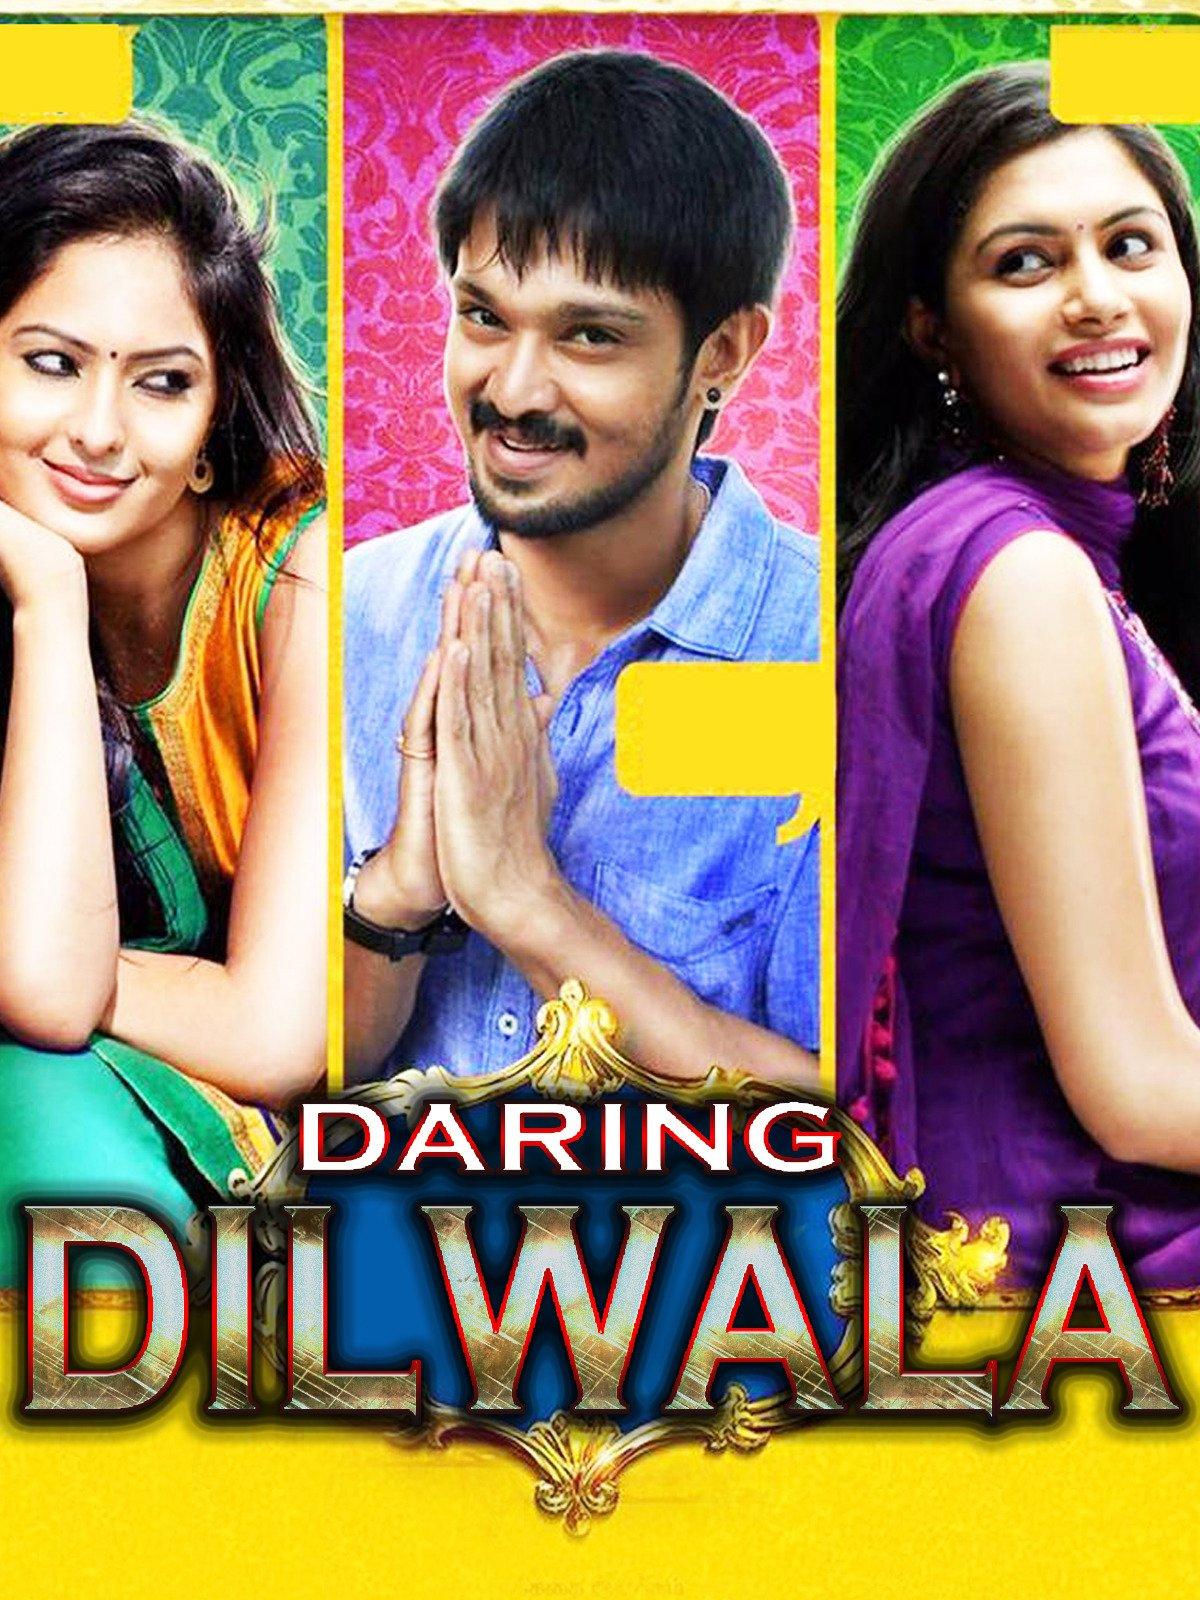 Daring Dilwala